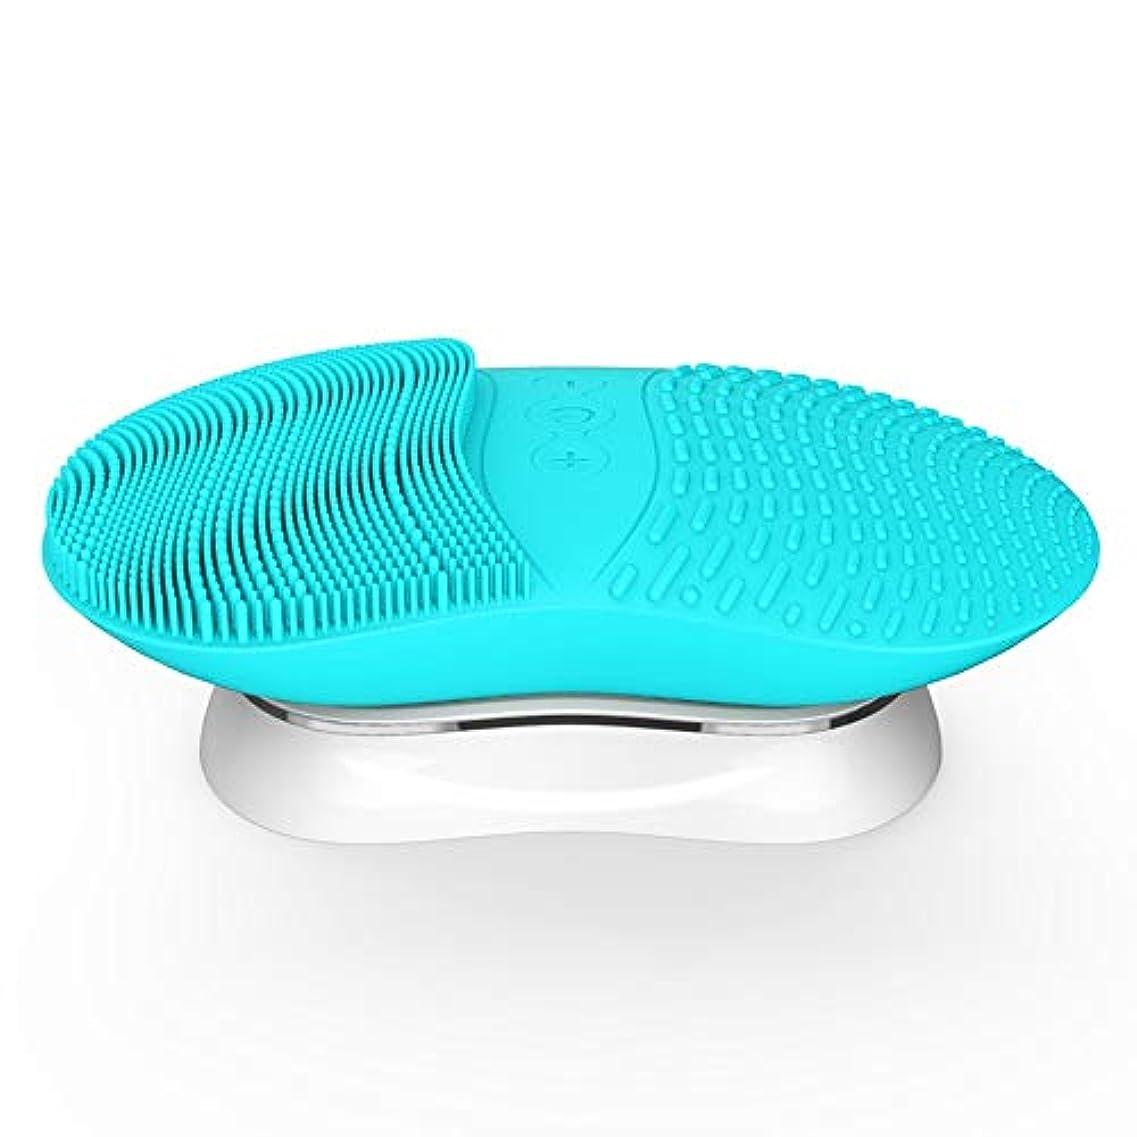 切る偽装する指導するZXF 新ワイヤレス充電シリコンクレンジングブラシ超音波振動ディープクリーン防水暖かさクレンジング美容機器クレンジング機器 滑らかである